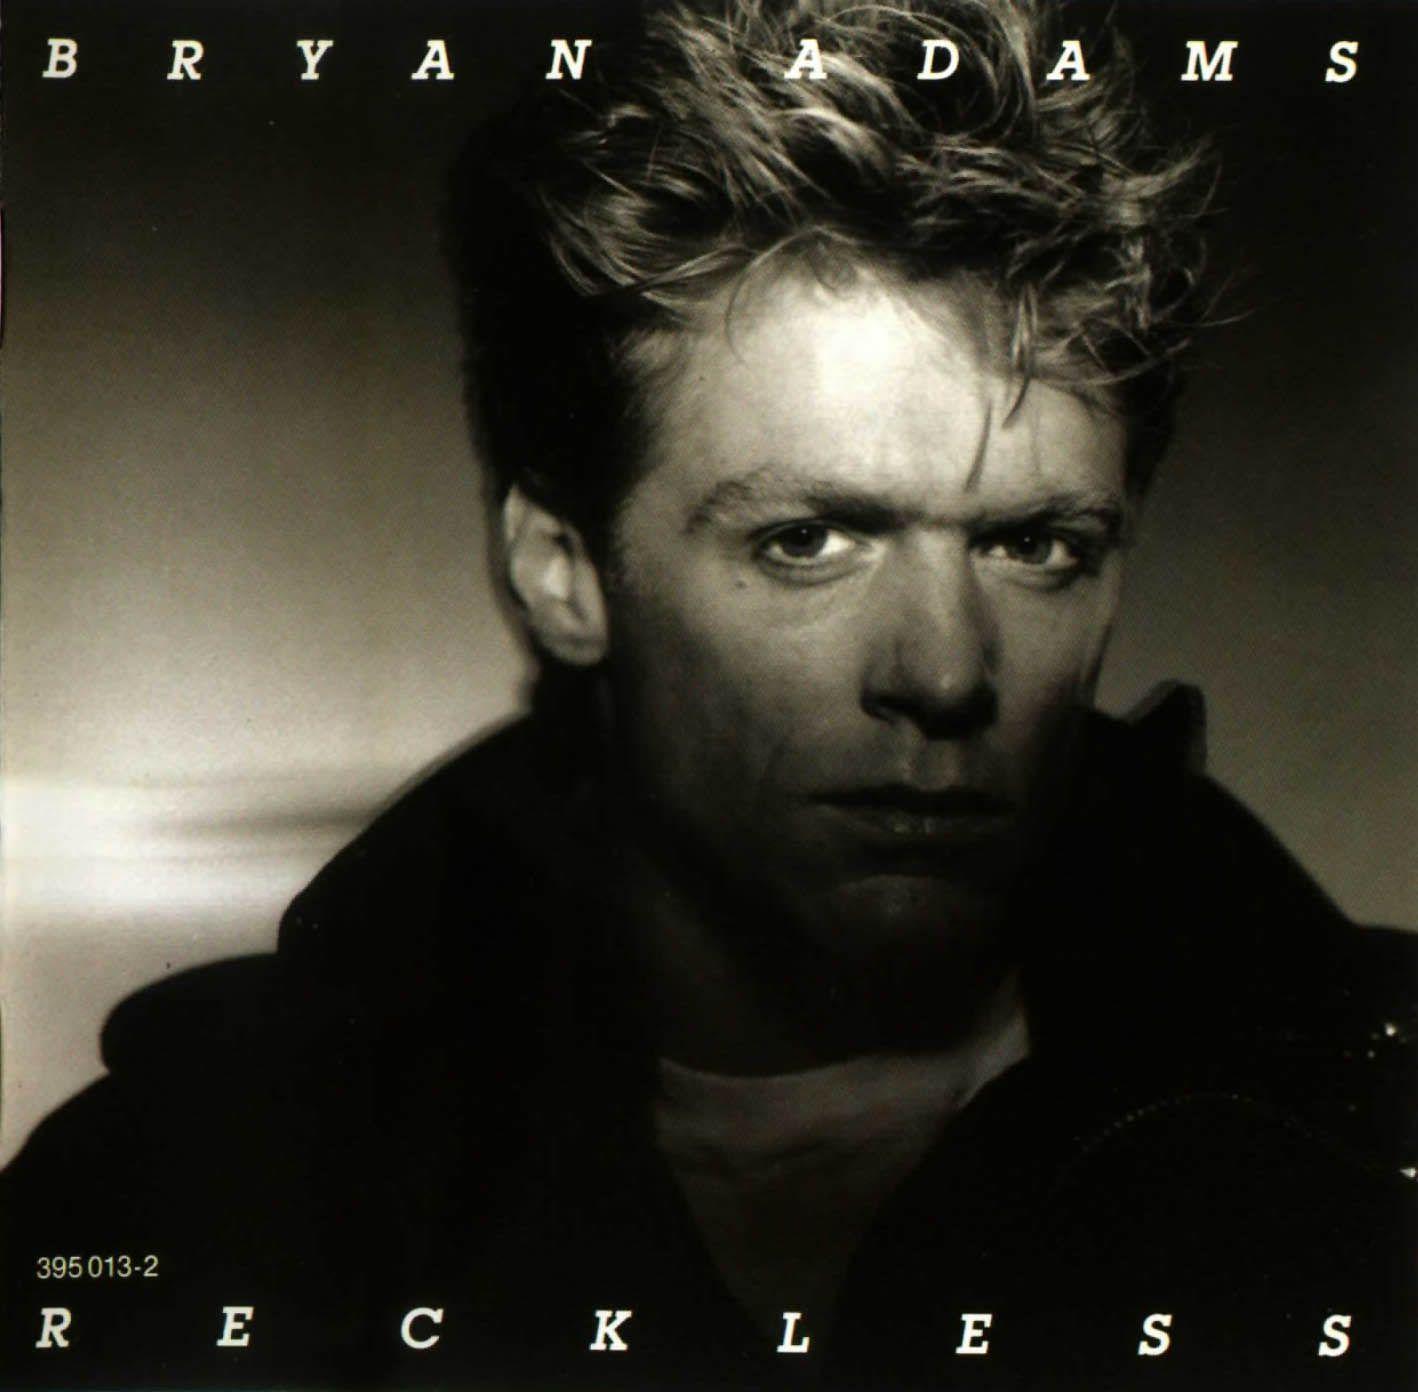 Bryan Adams. Summer of '69, una de sus buenas canciones. | Music | Pinterest | Bryan adams ...